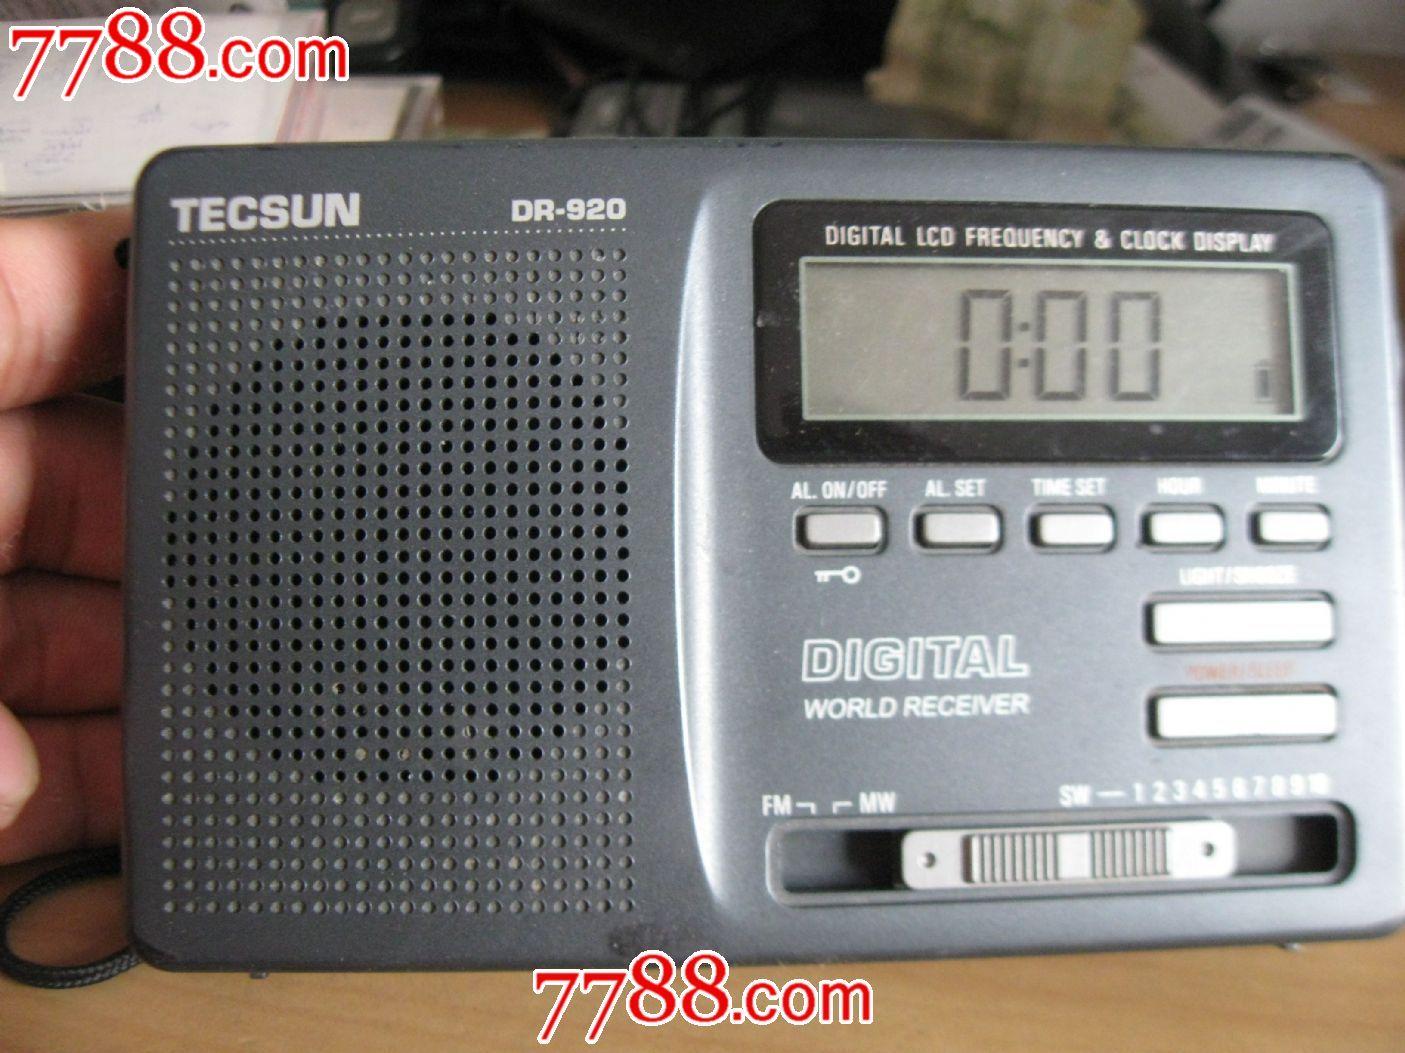 德生dr-920钟控收音机,数字显示.配件机.